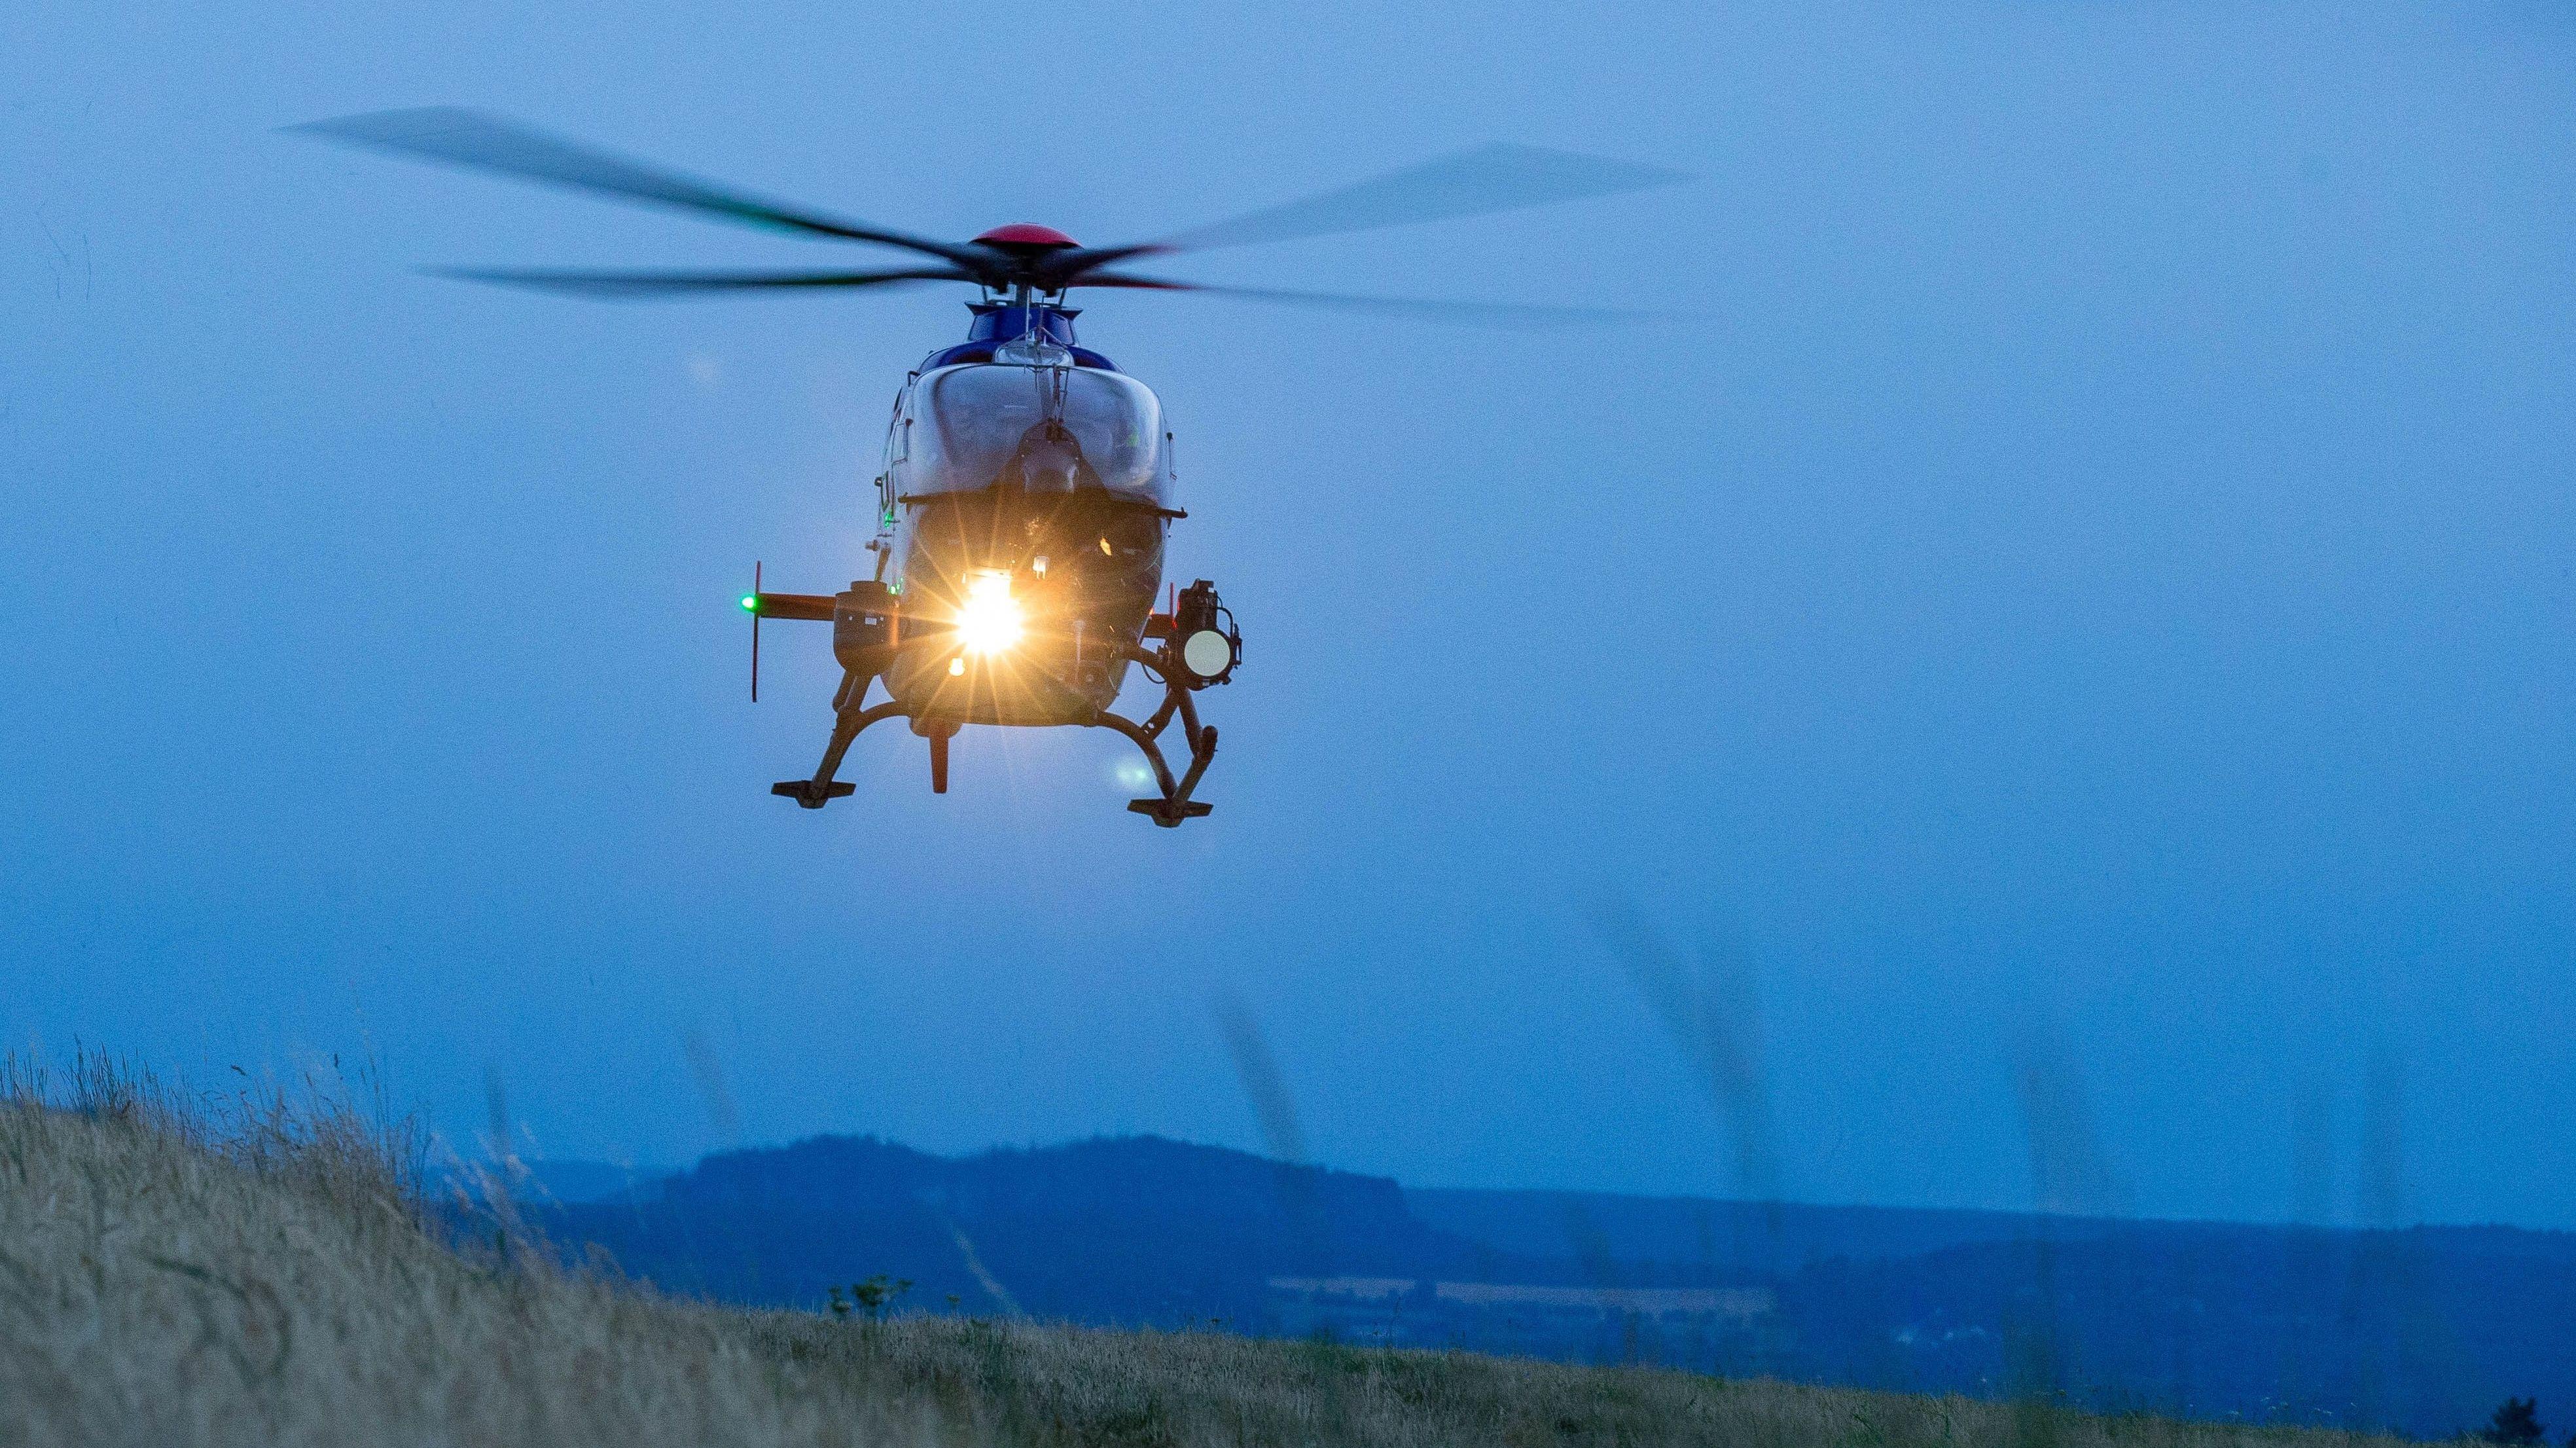 Ein Hubschrauber im Flug (Symbolbild)